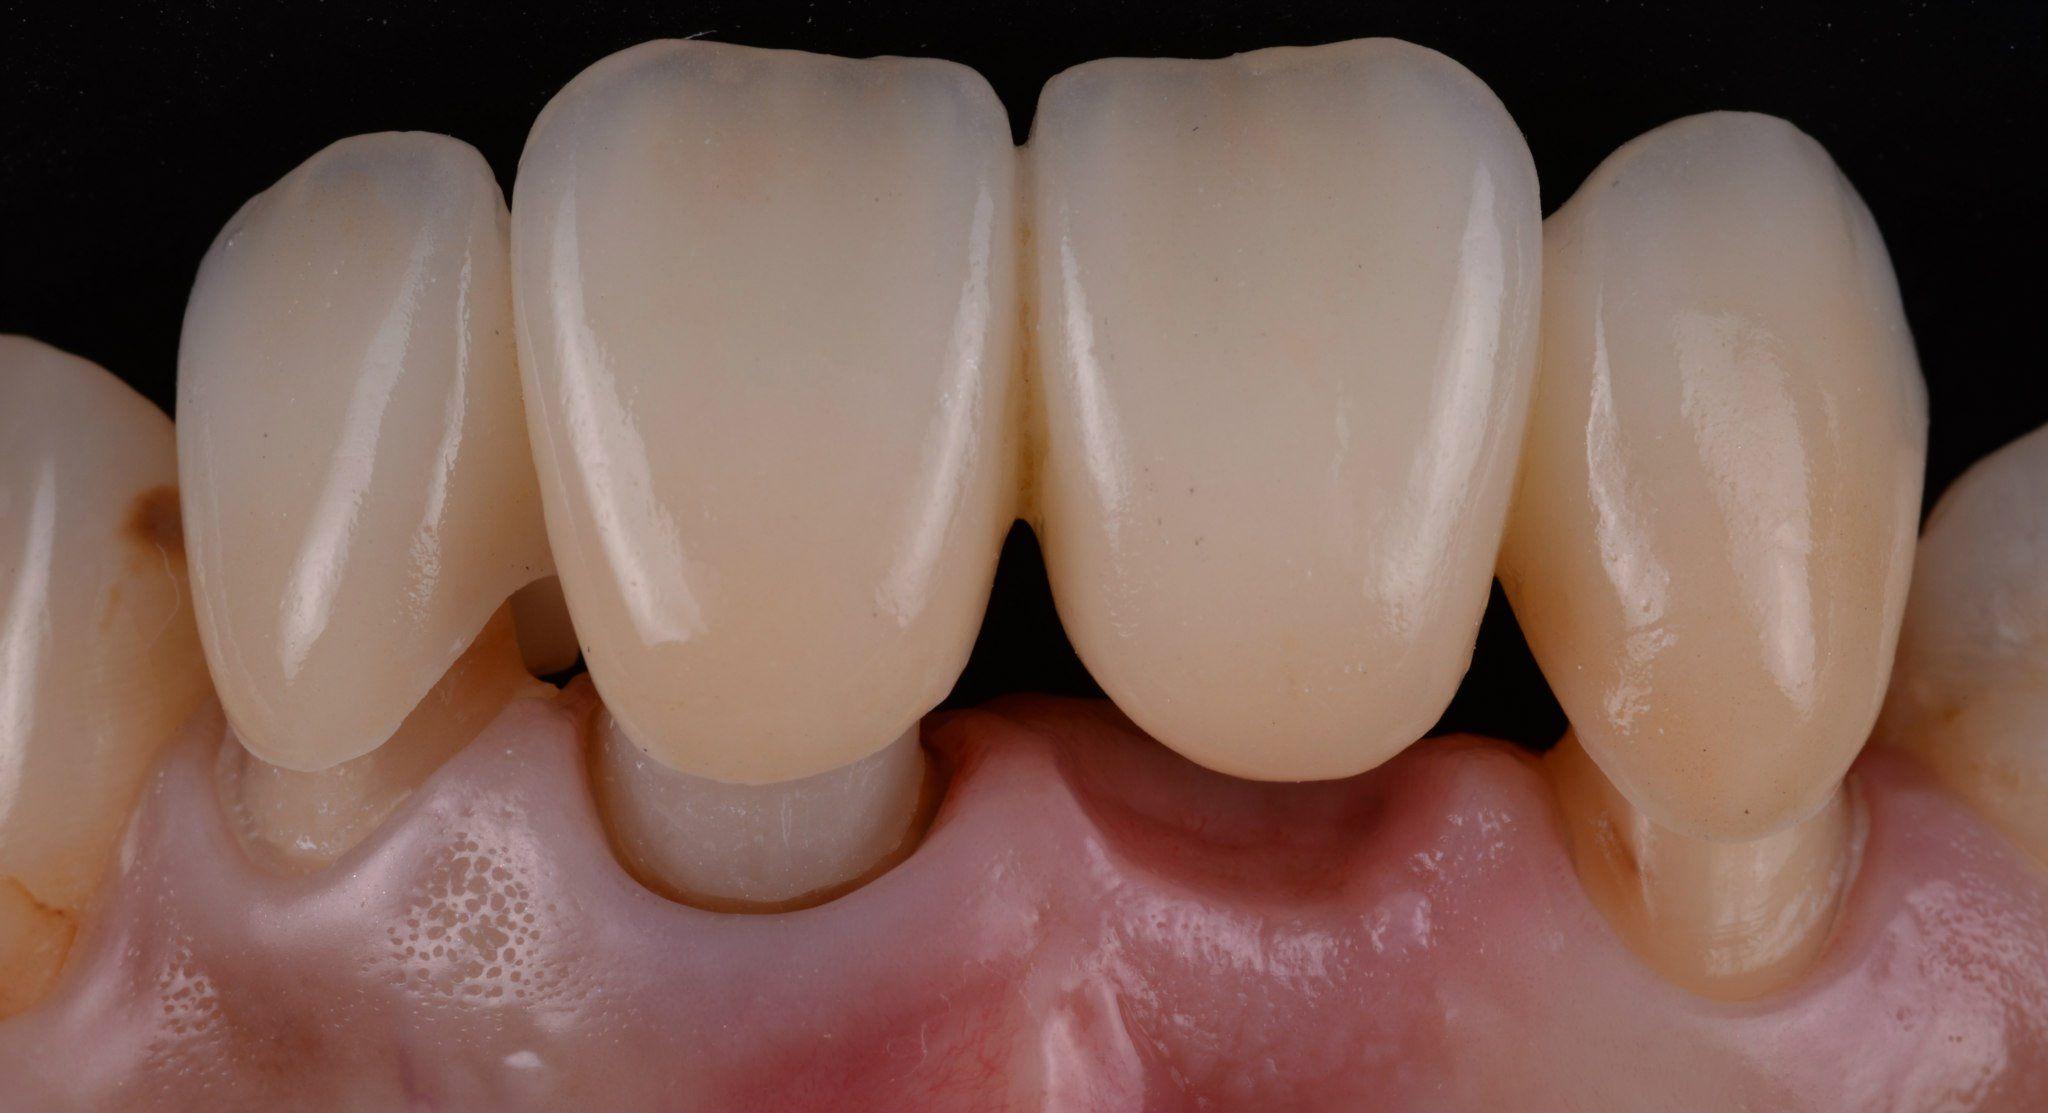 Порцеланов мост на проба в устата преди циментиране | Dental ...